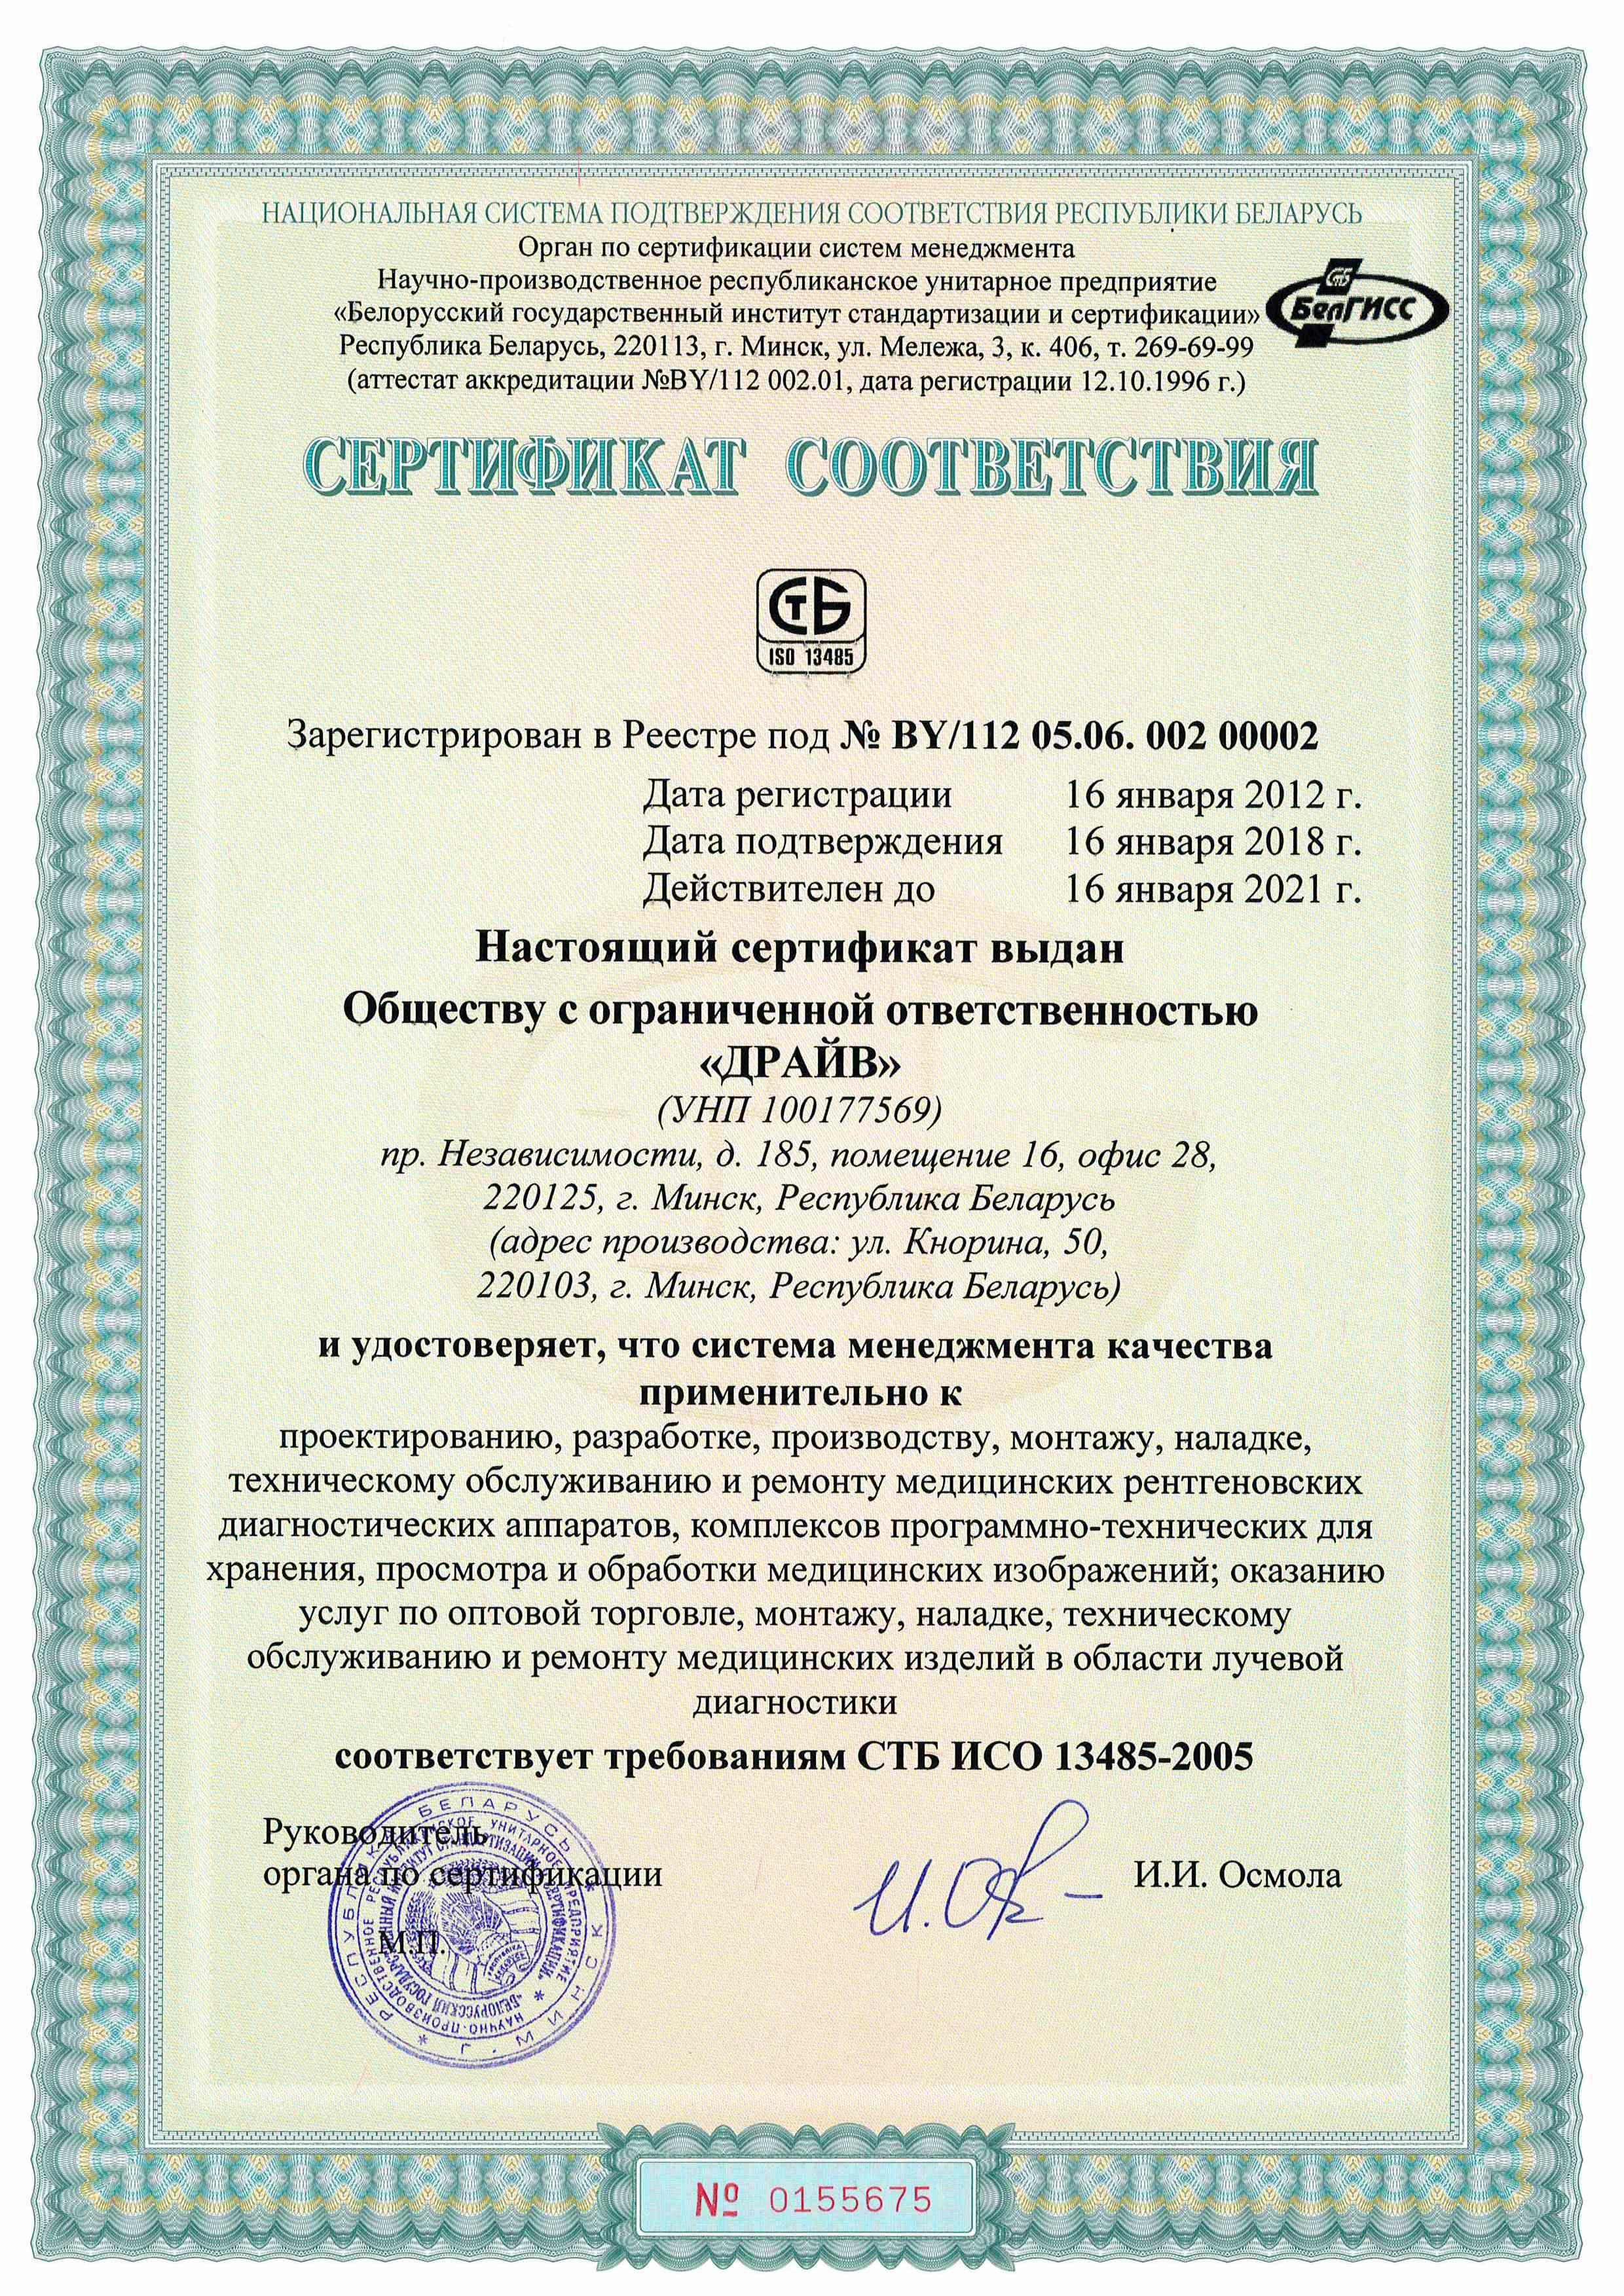 Сертификат ISO 9001-2009 и 13845-2005 русский цветной по 2021 год_Page_2